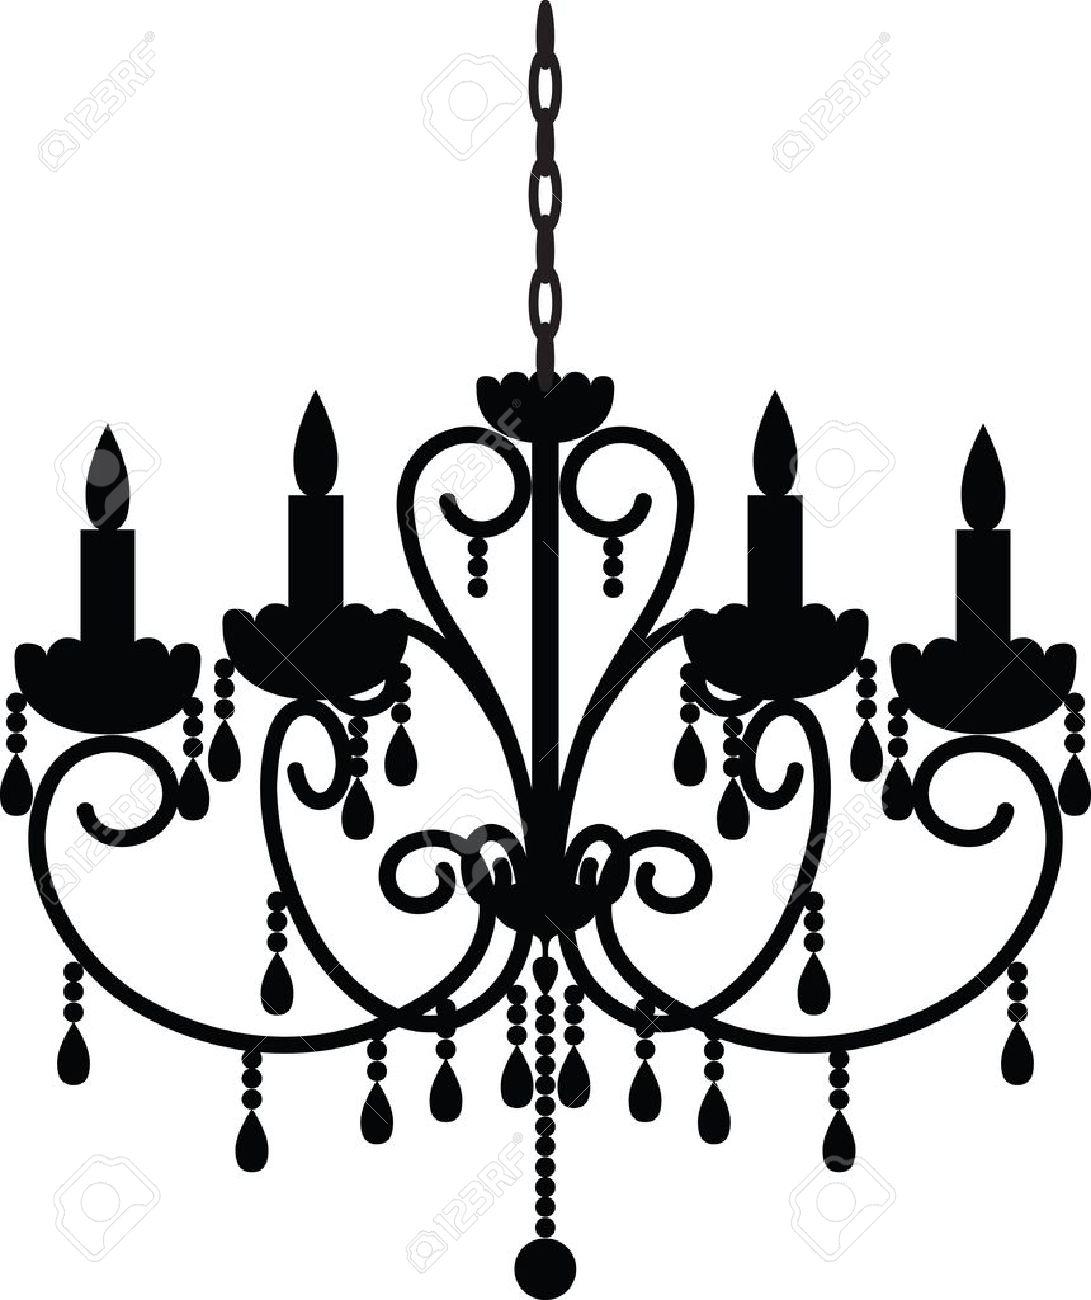 旧式なシャンデリアのシルエットのイラスト素材ベクタ Image 15799221